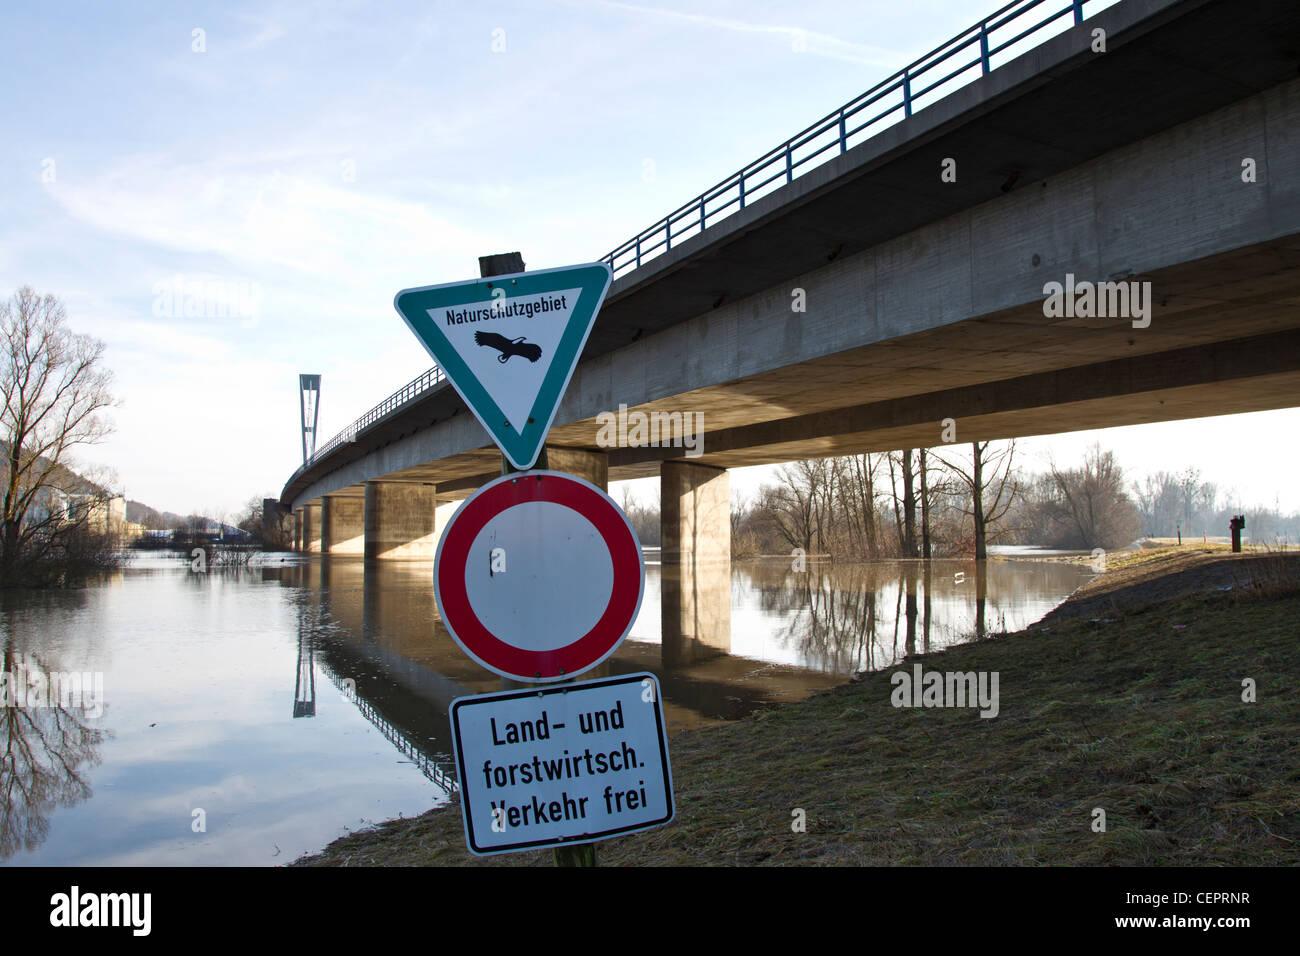 Hochwasser, flood - Stock Image